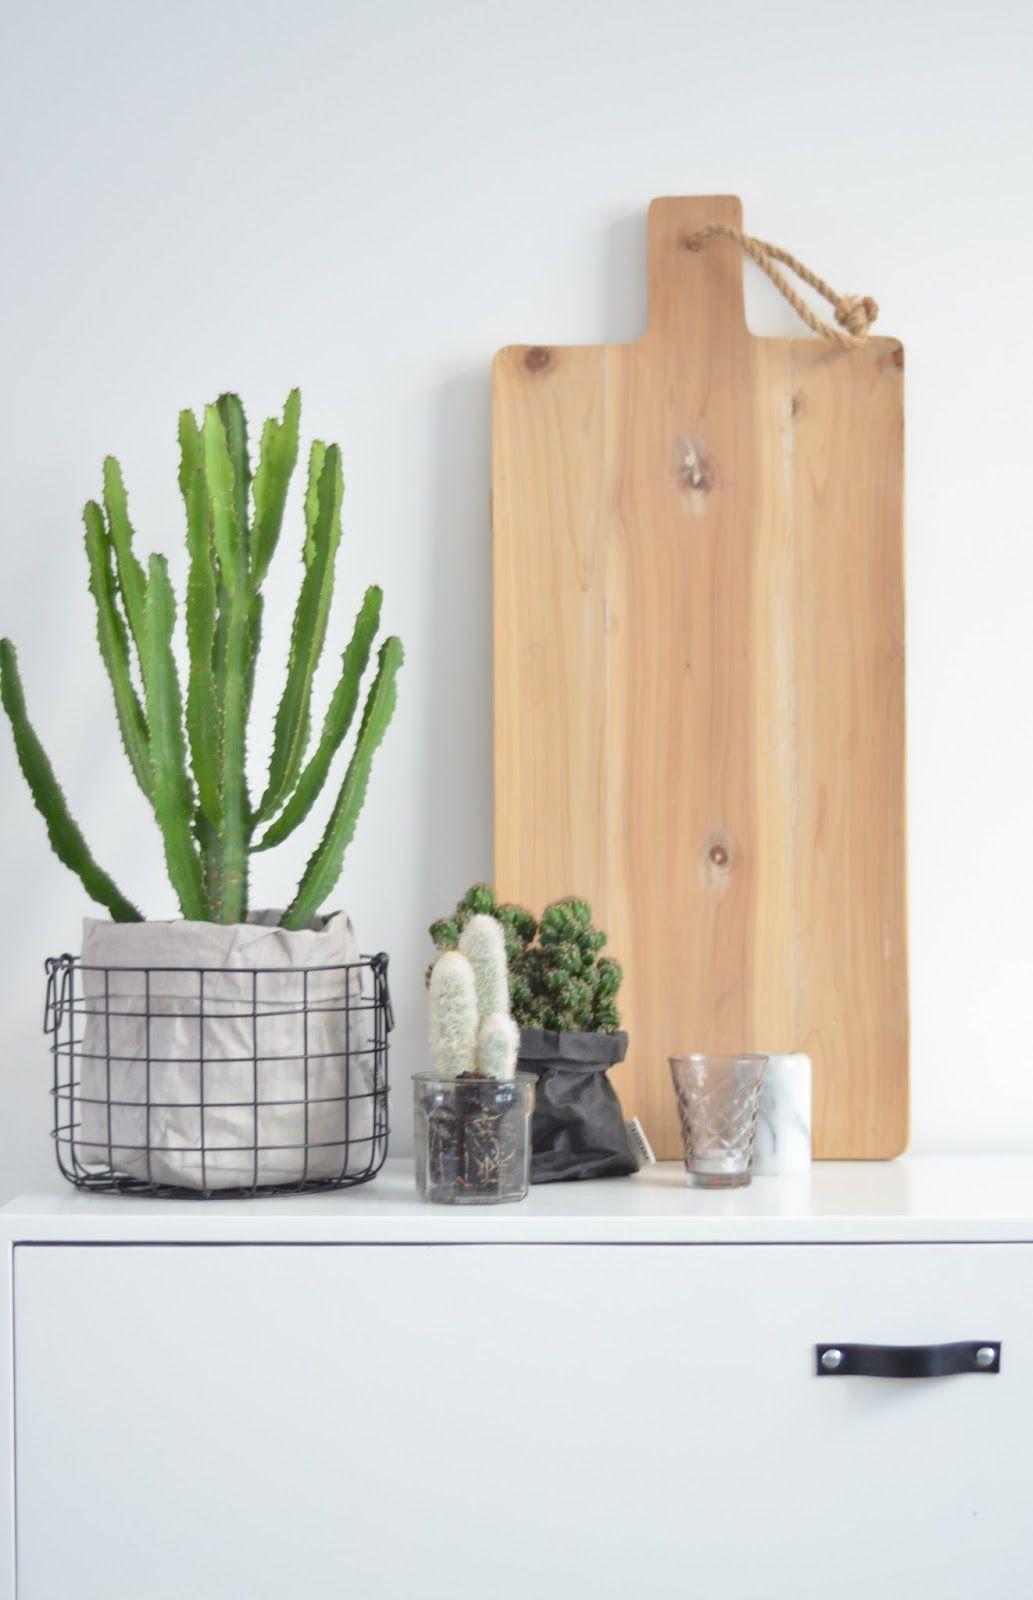 Van het kastje naar de muur botanisch wonen trend groen planten botanisch wonen - Volwassen kamer decoratie ...